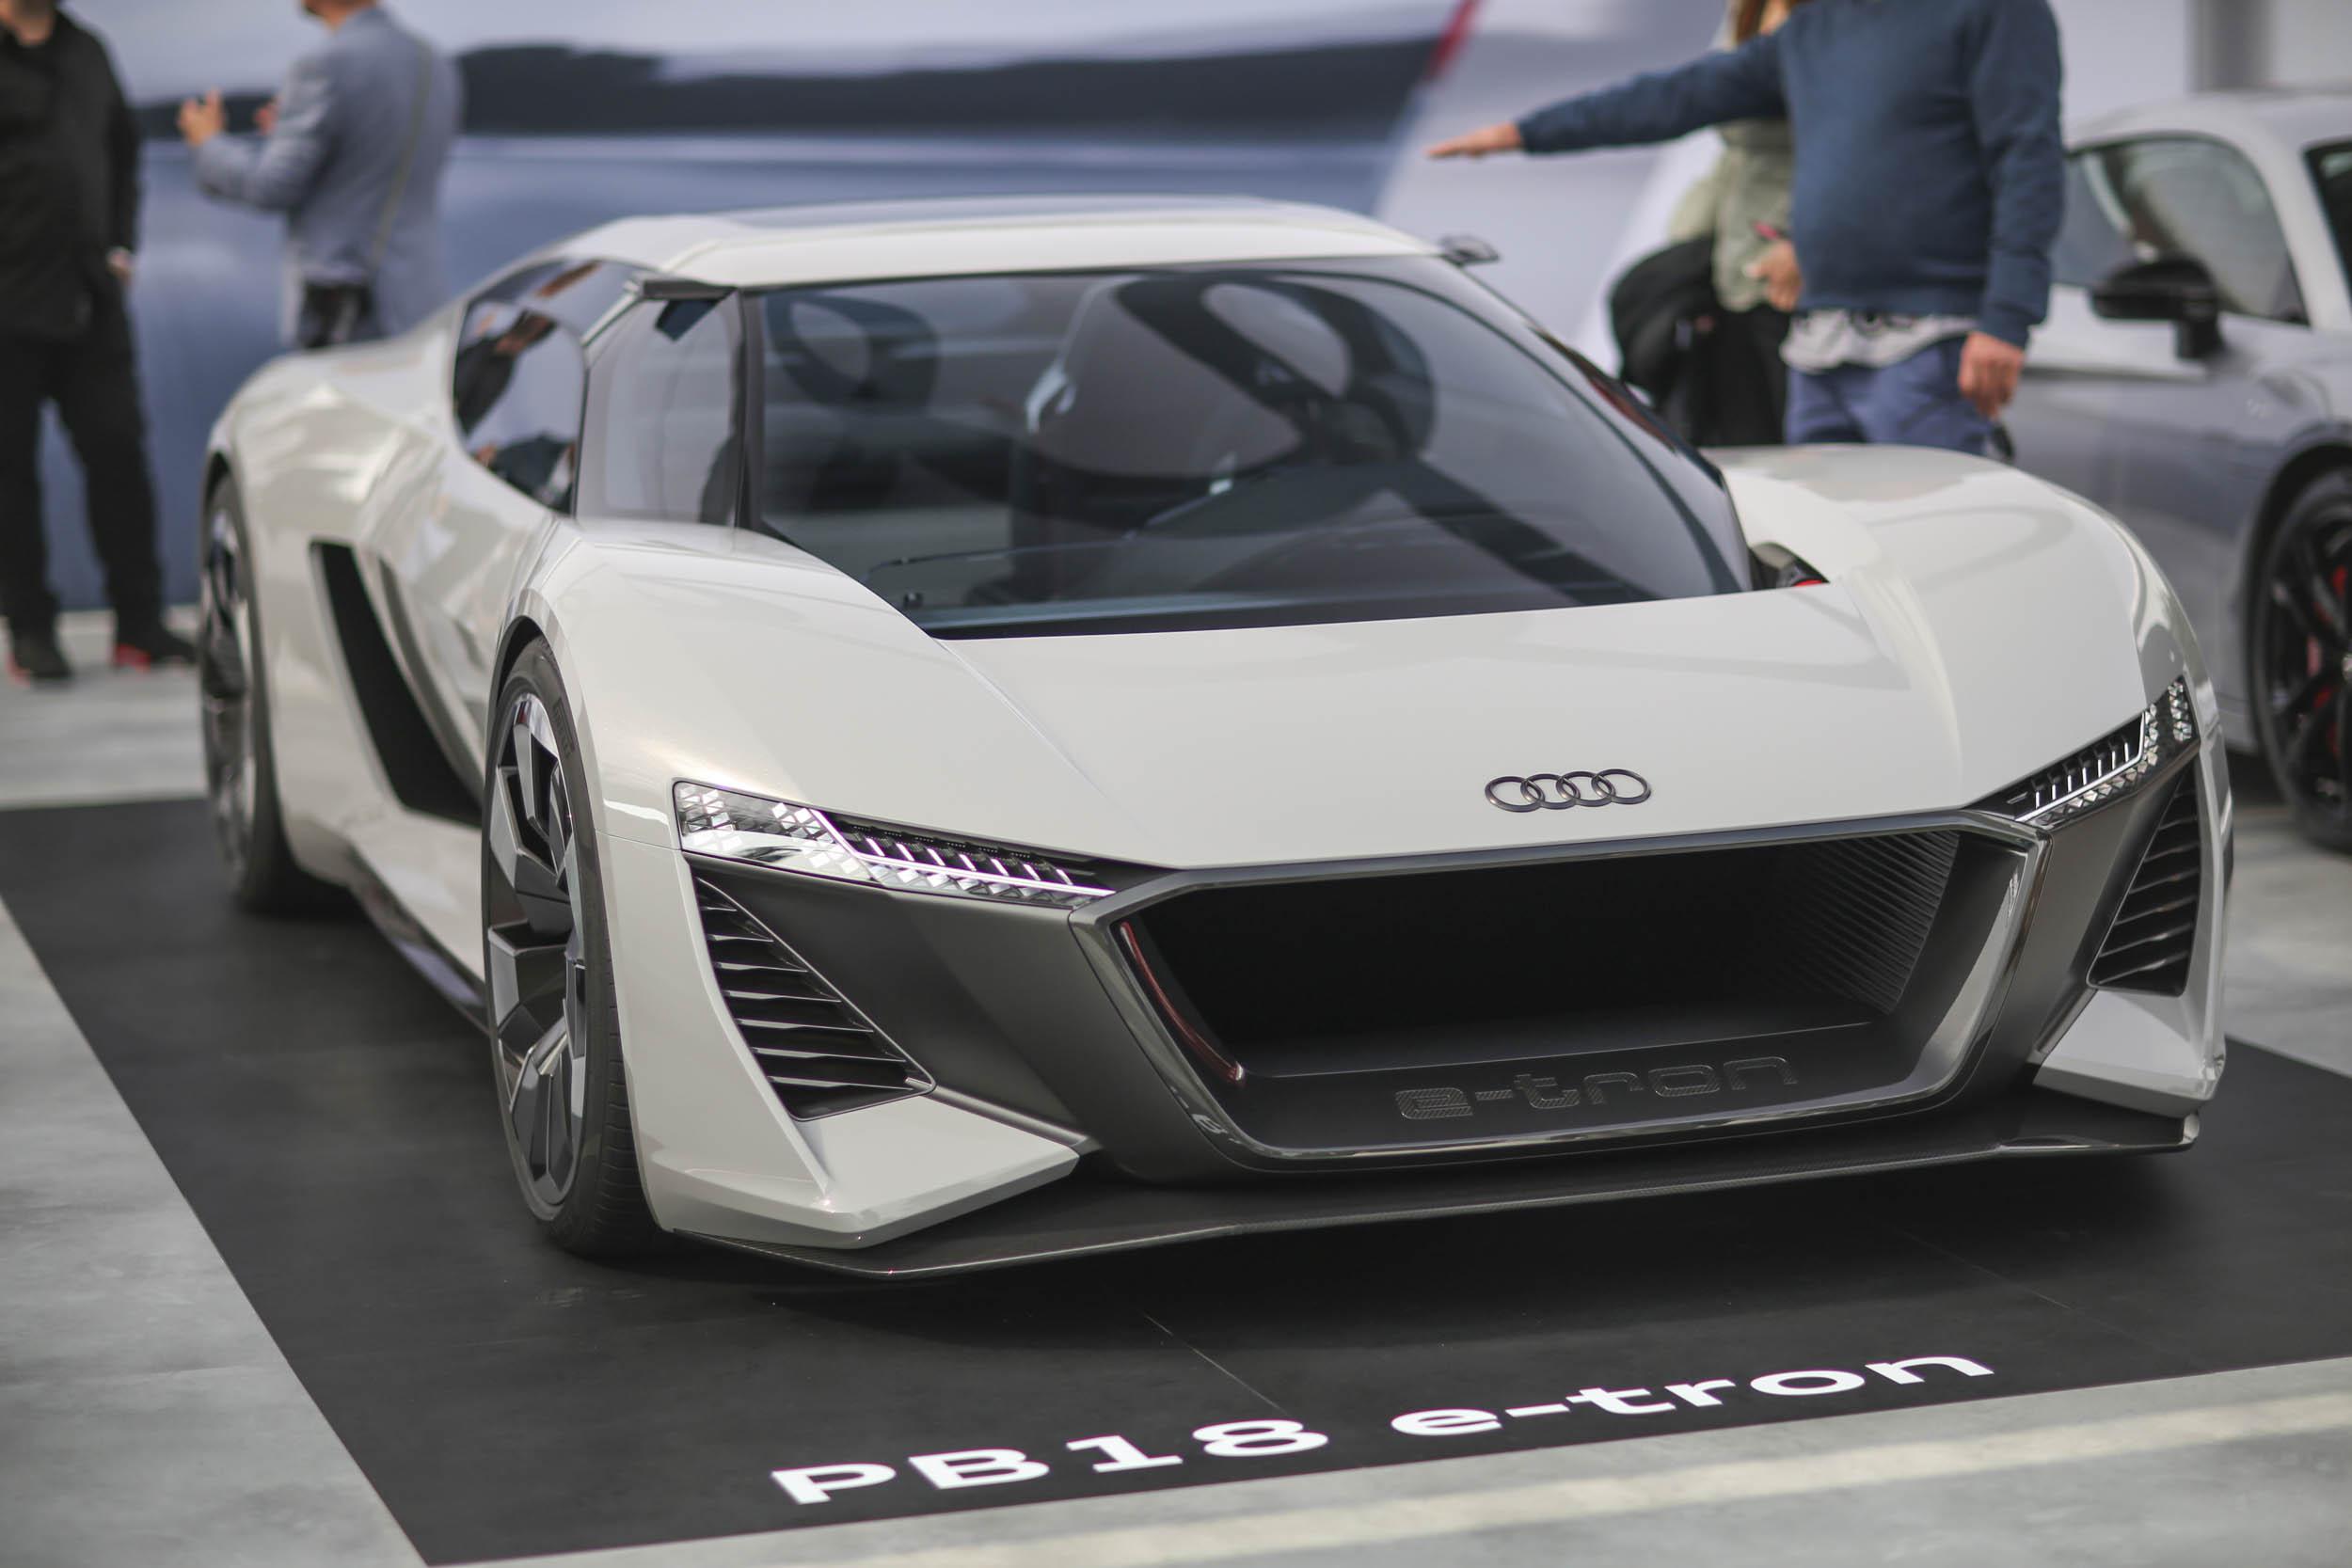 Audi PB18 e-tron at The Quail